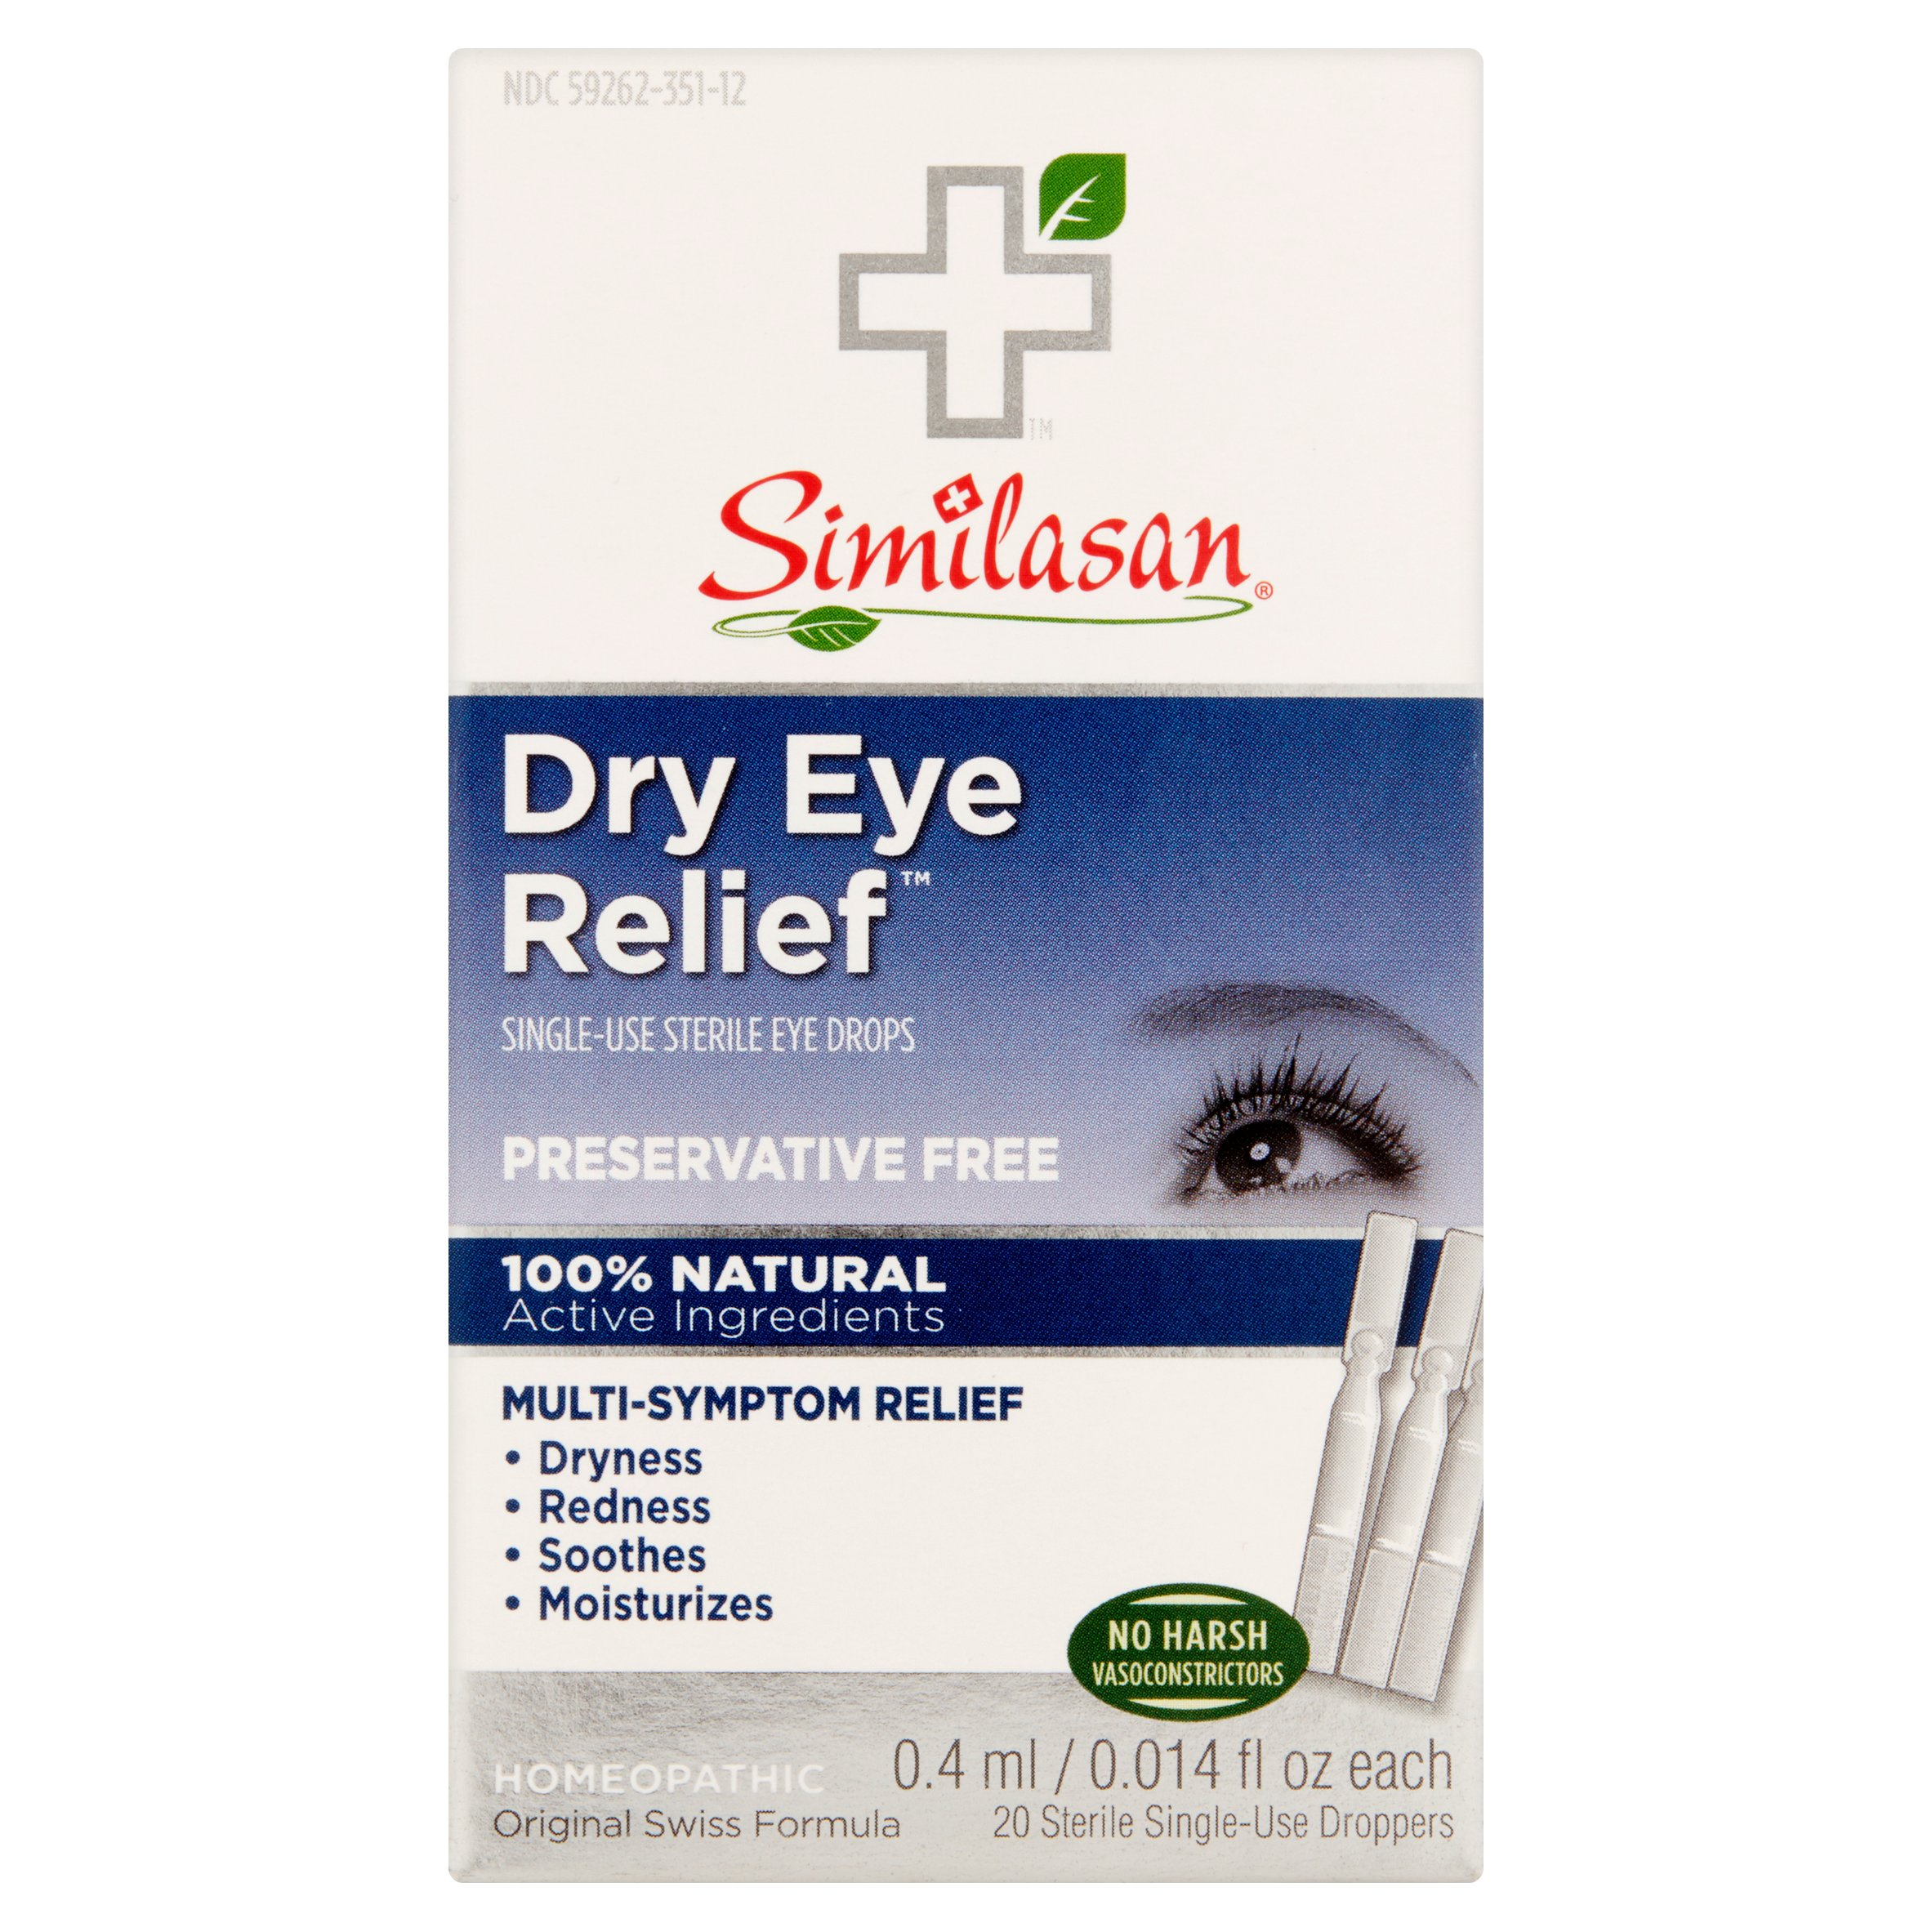 Similasan Dry Eye Relief Single-Use Sterile Eye Drops, 0.014 fl oz